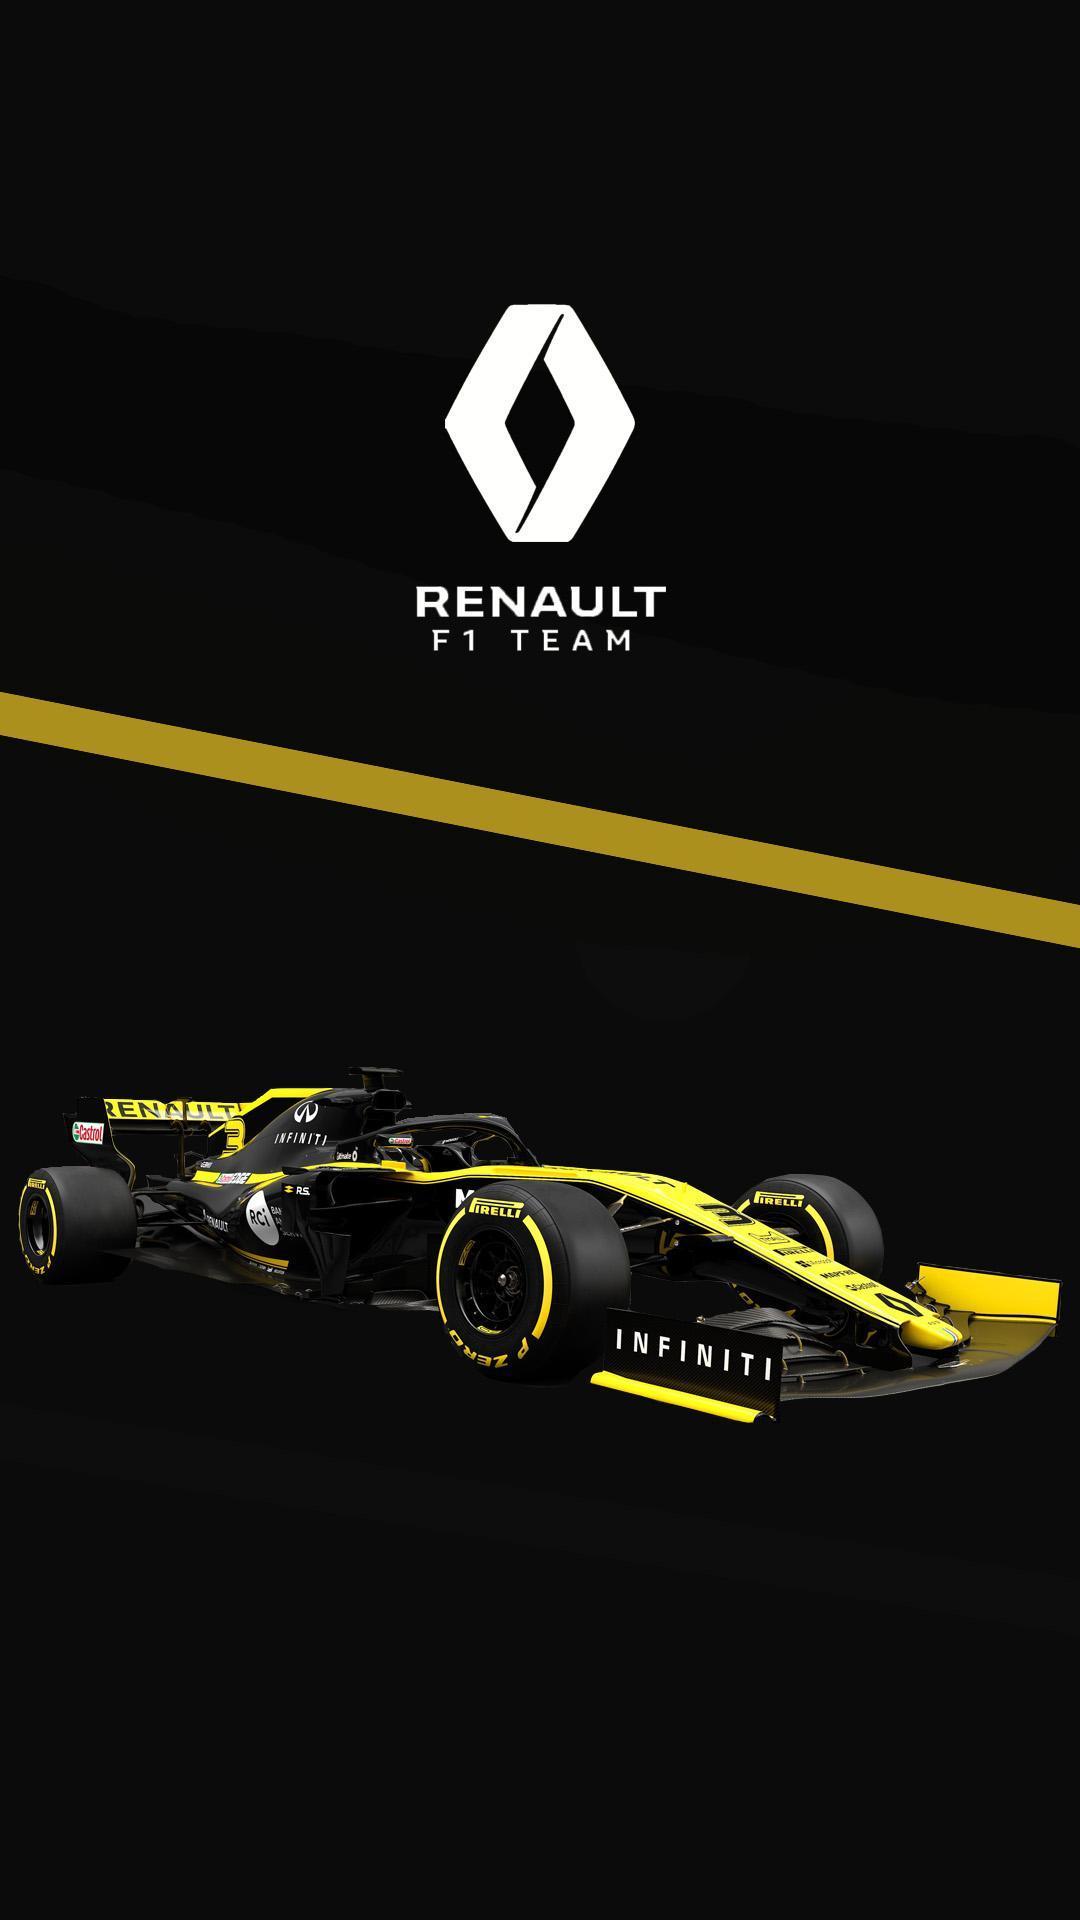 Sfondi Iphone Ferrari F1 2019 | Sfondimek